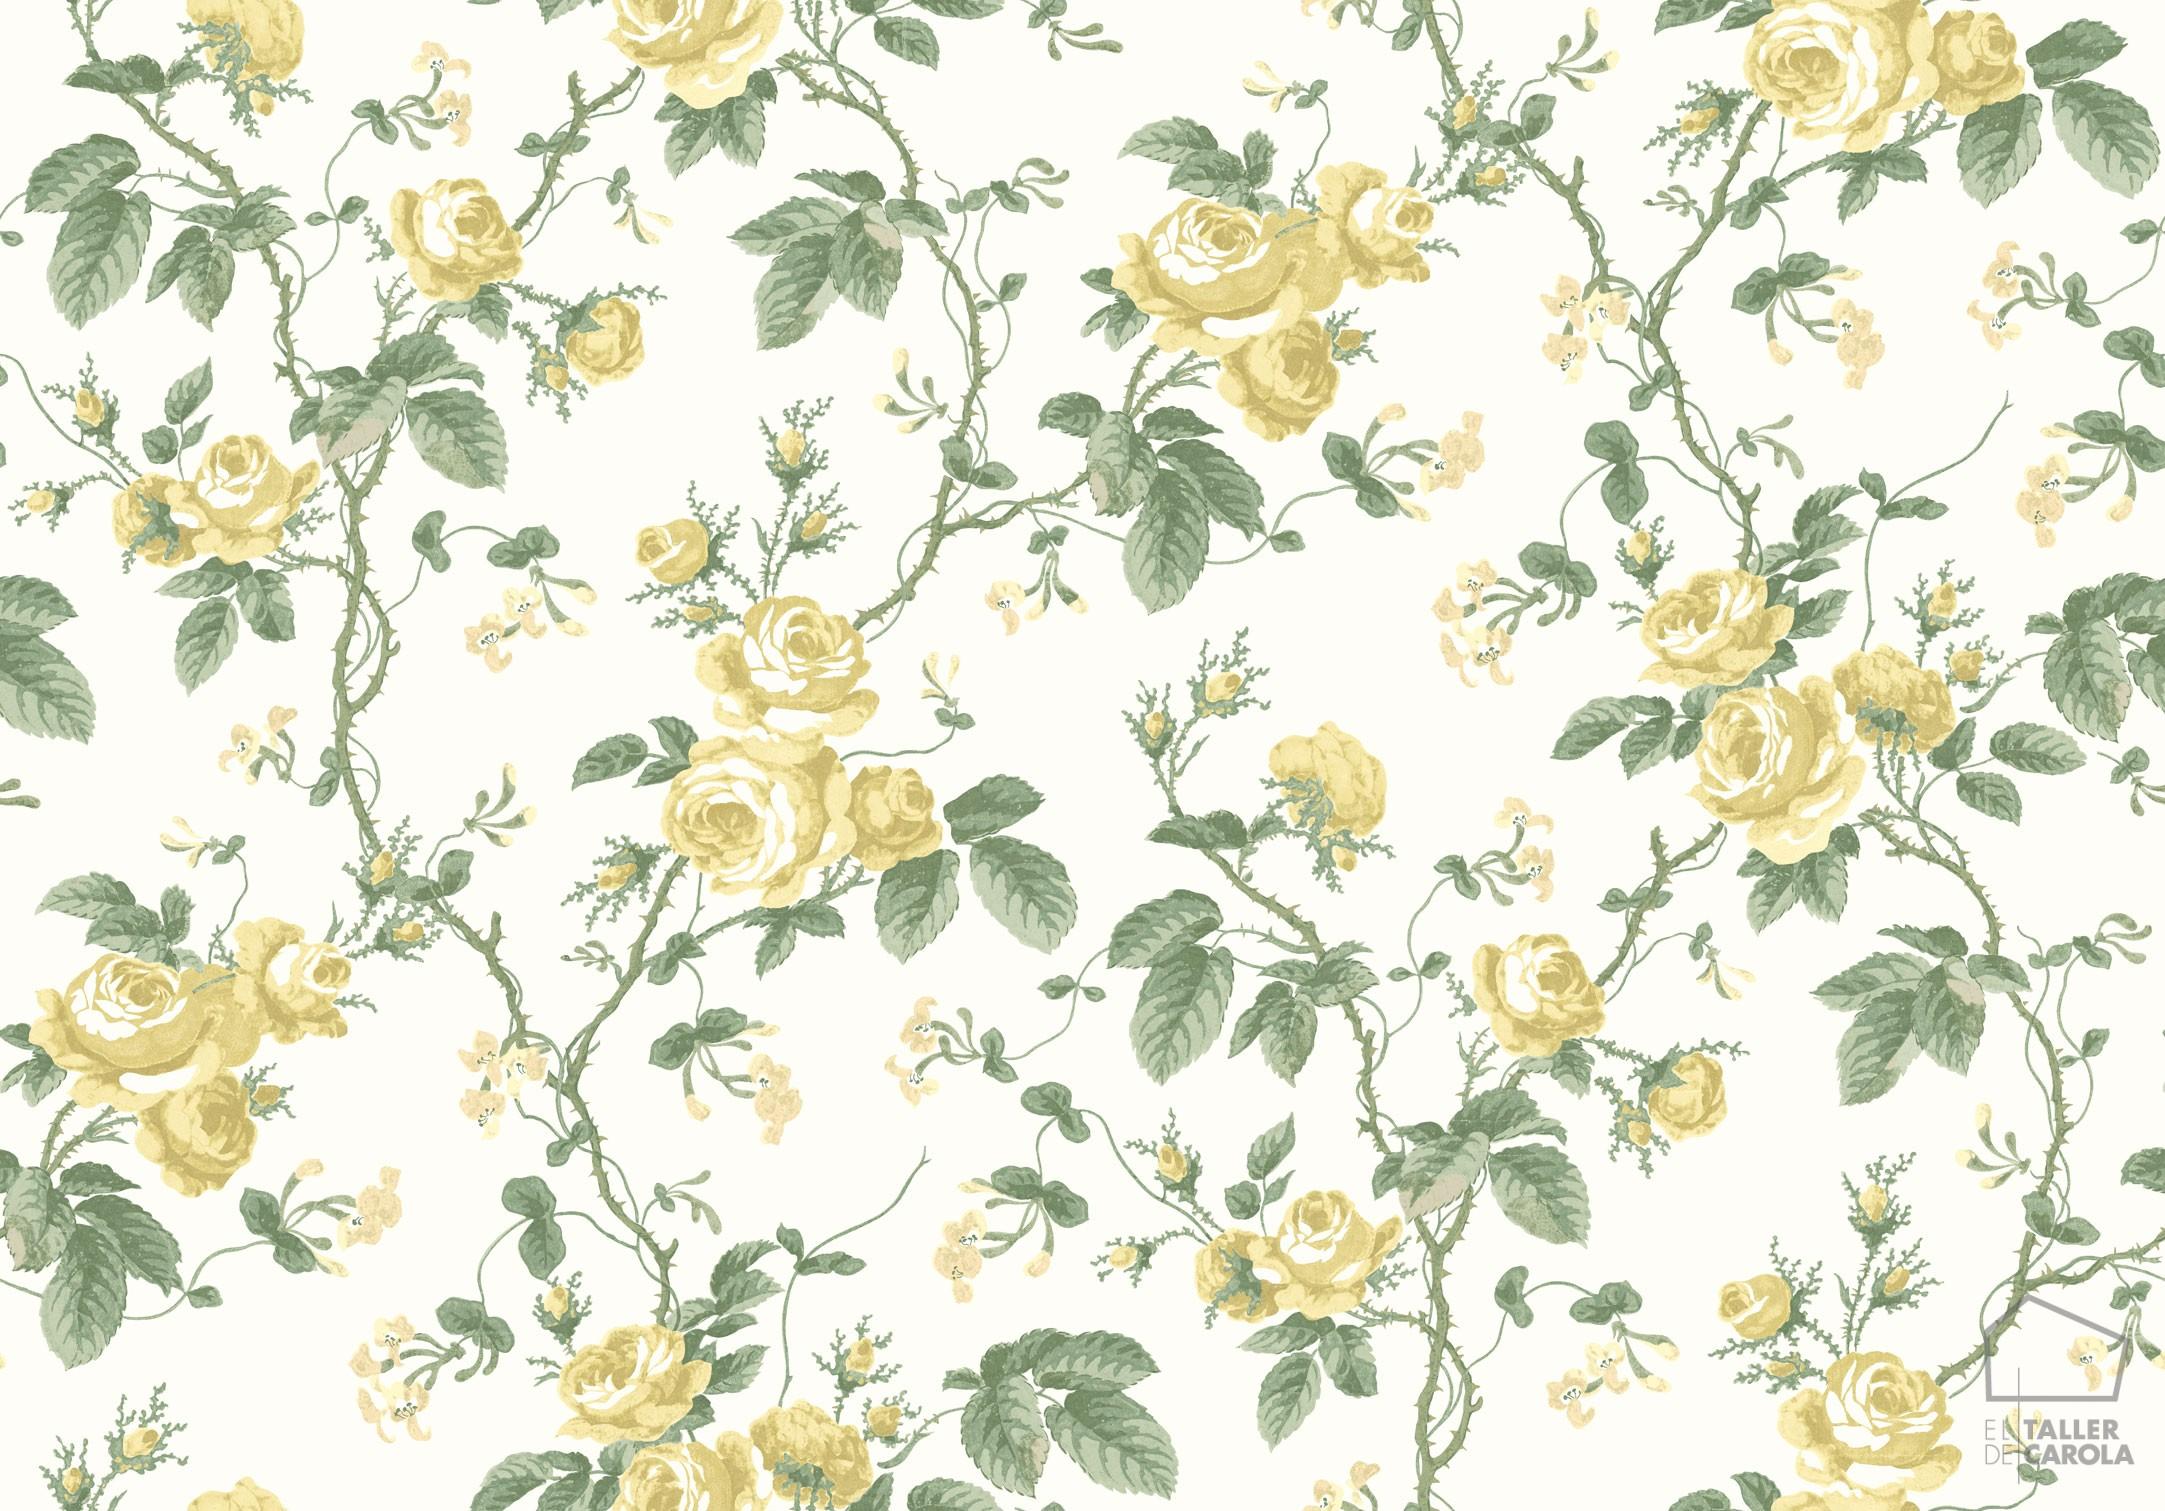 079fre7213-papel-pintado-flores-vintage-amarillas3